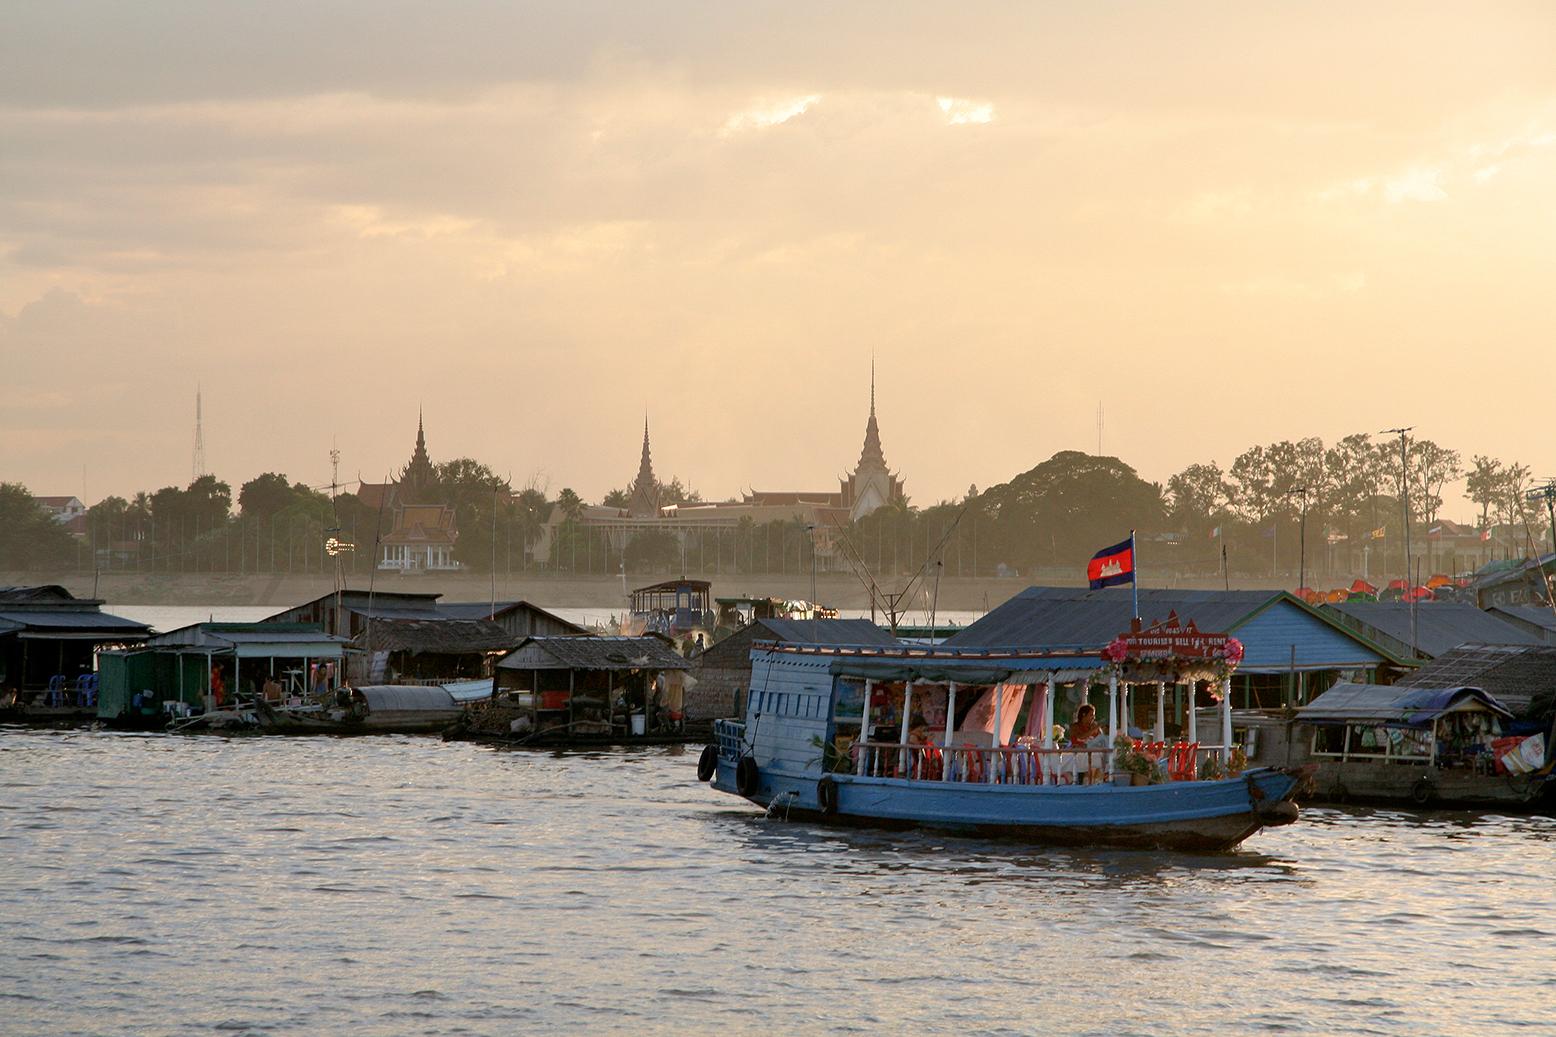 Tongle Sap, la balade en bateau obligatoire